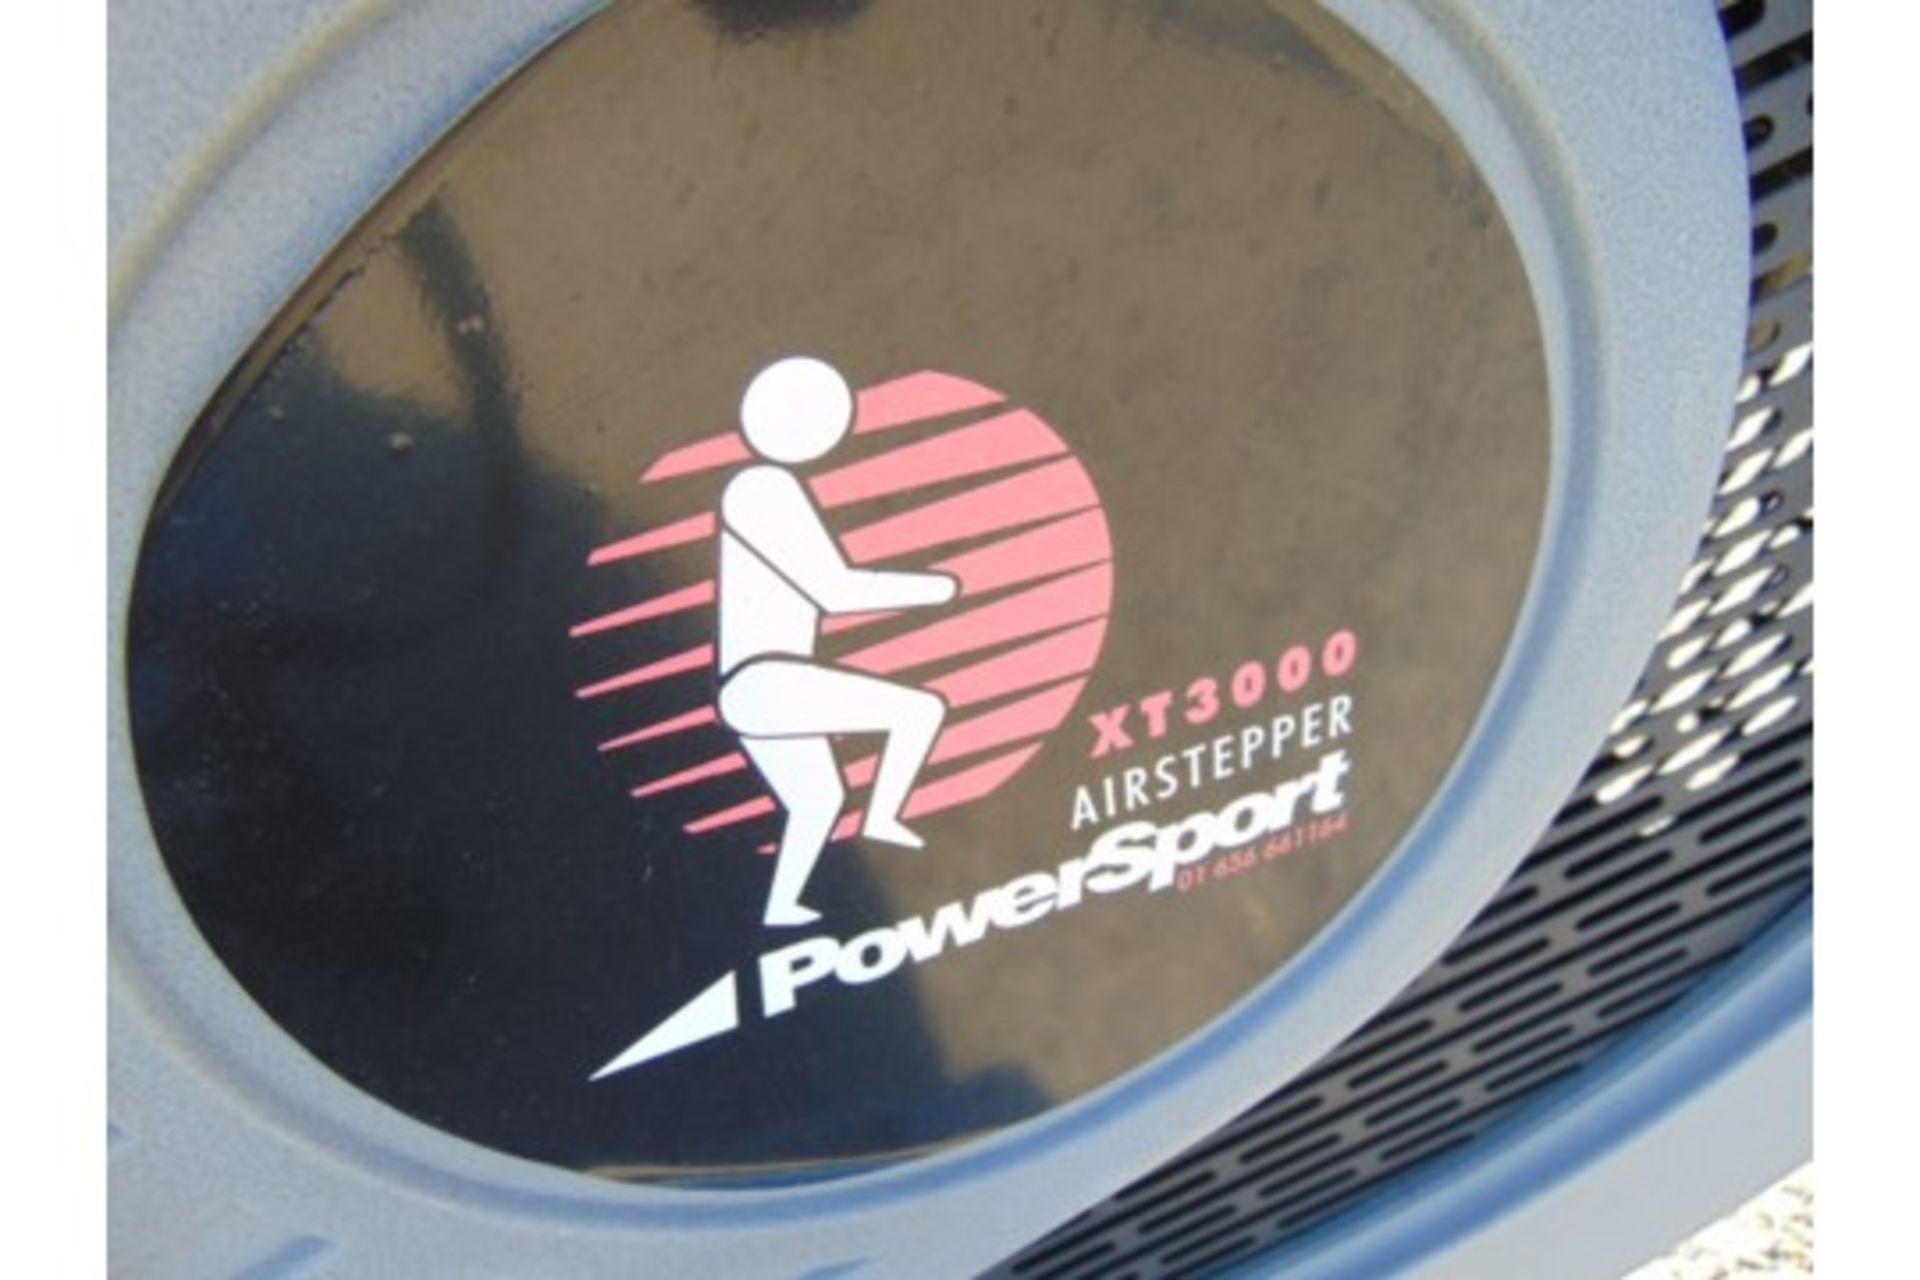 Lot 25844 - Powersport XT3000 Air Stepper